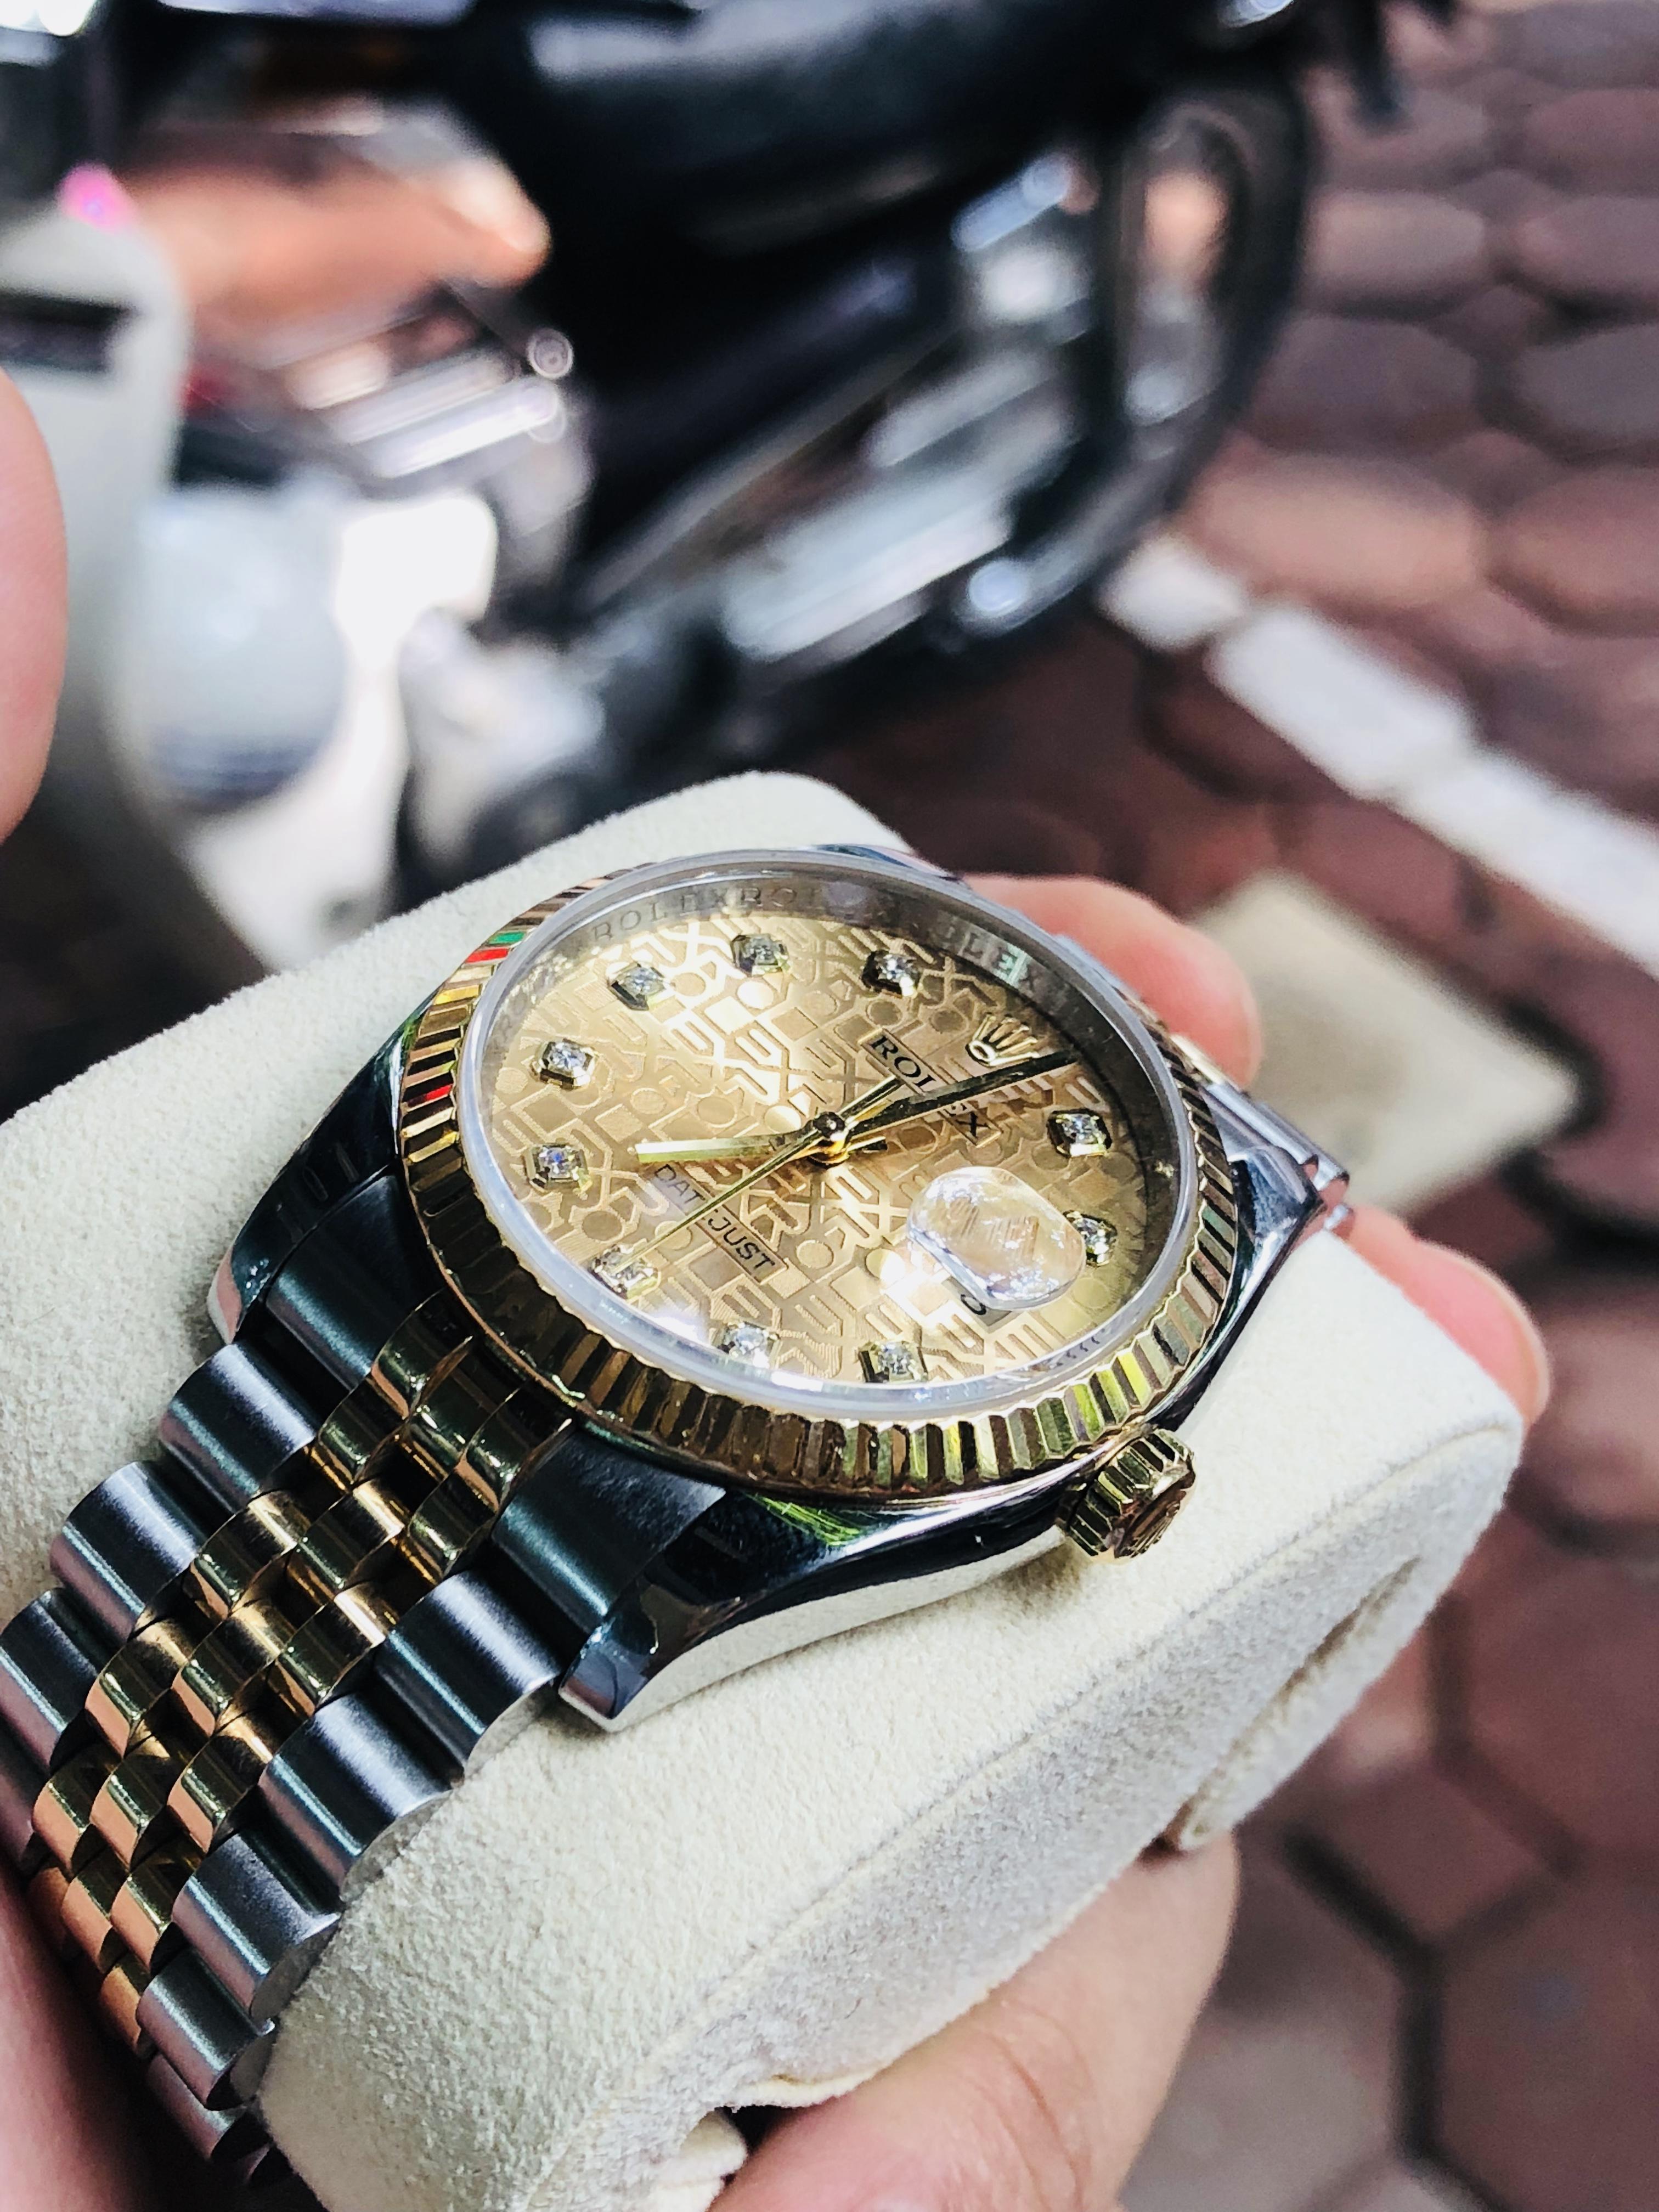 Rolex 116233 mặt vi tính sản xuất năm 2012